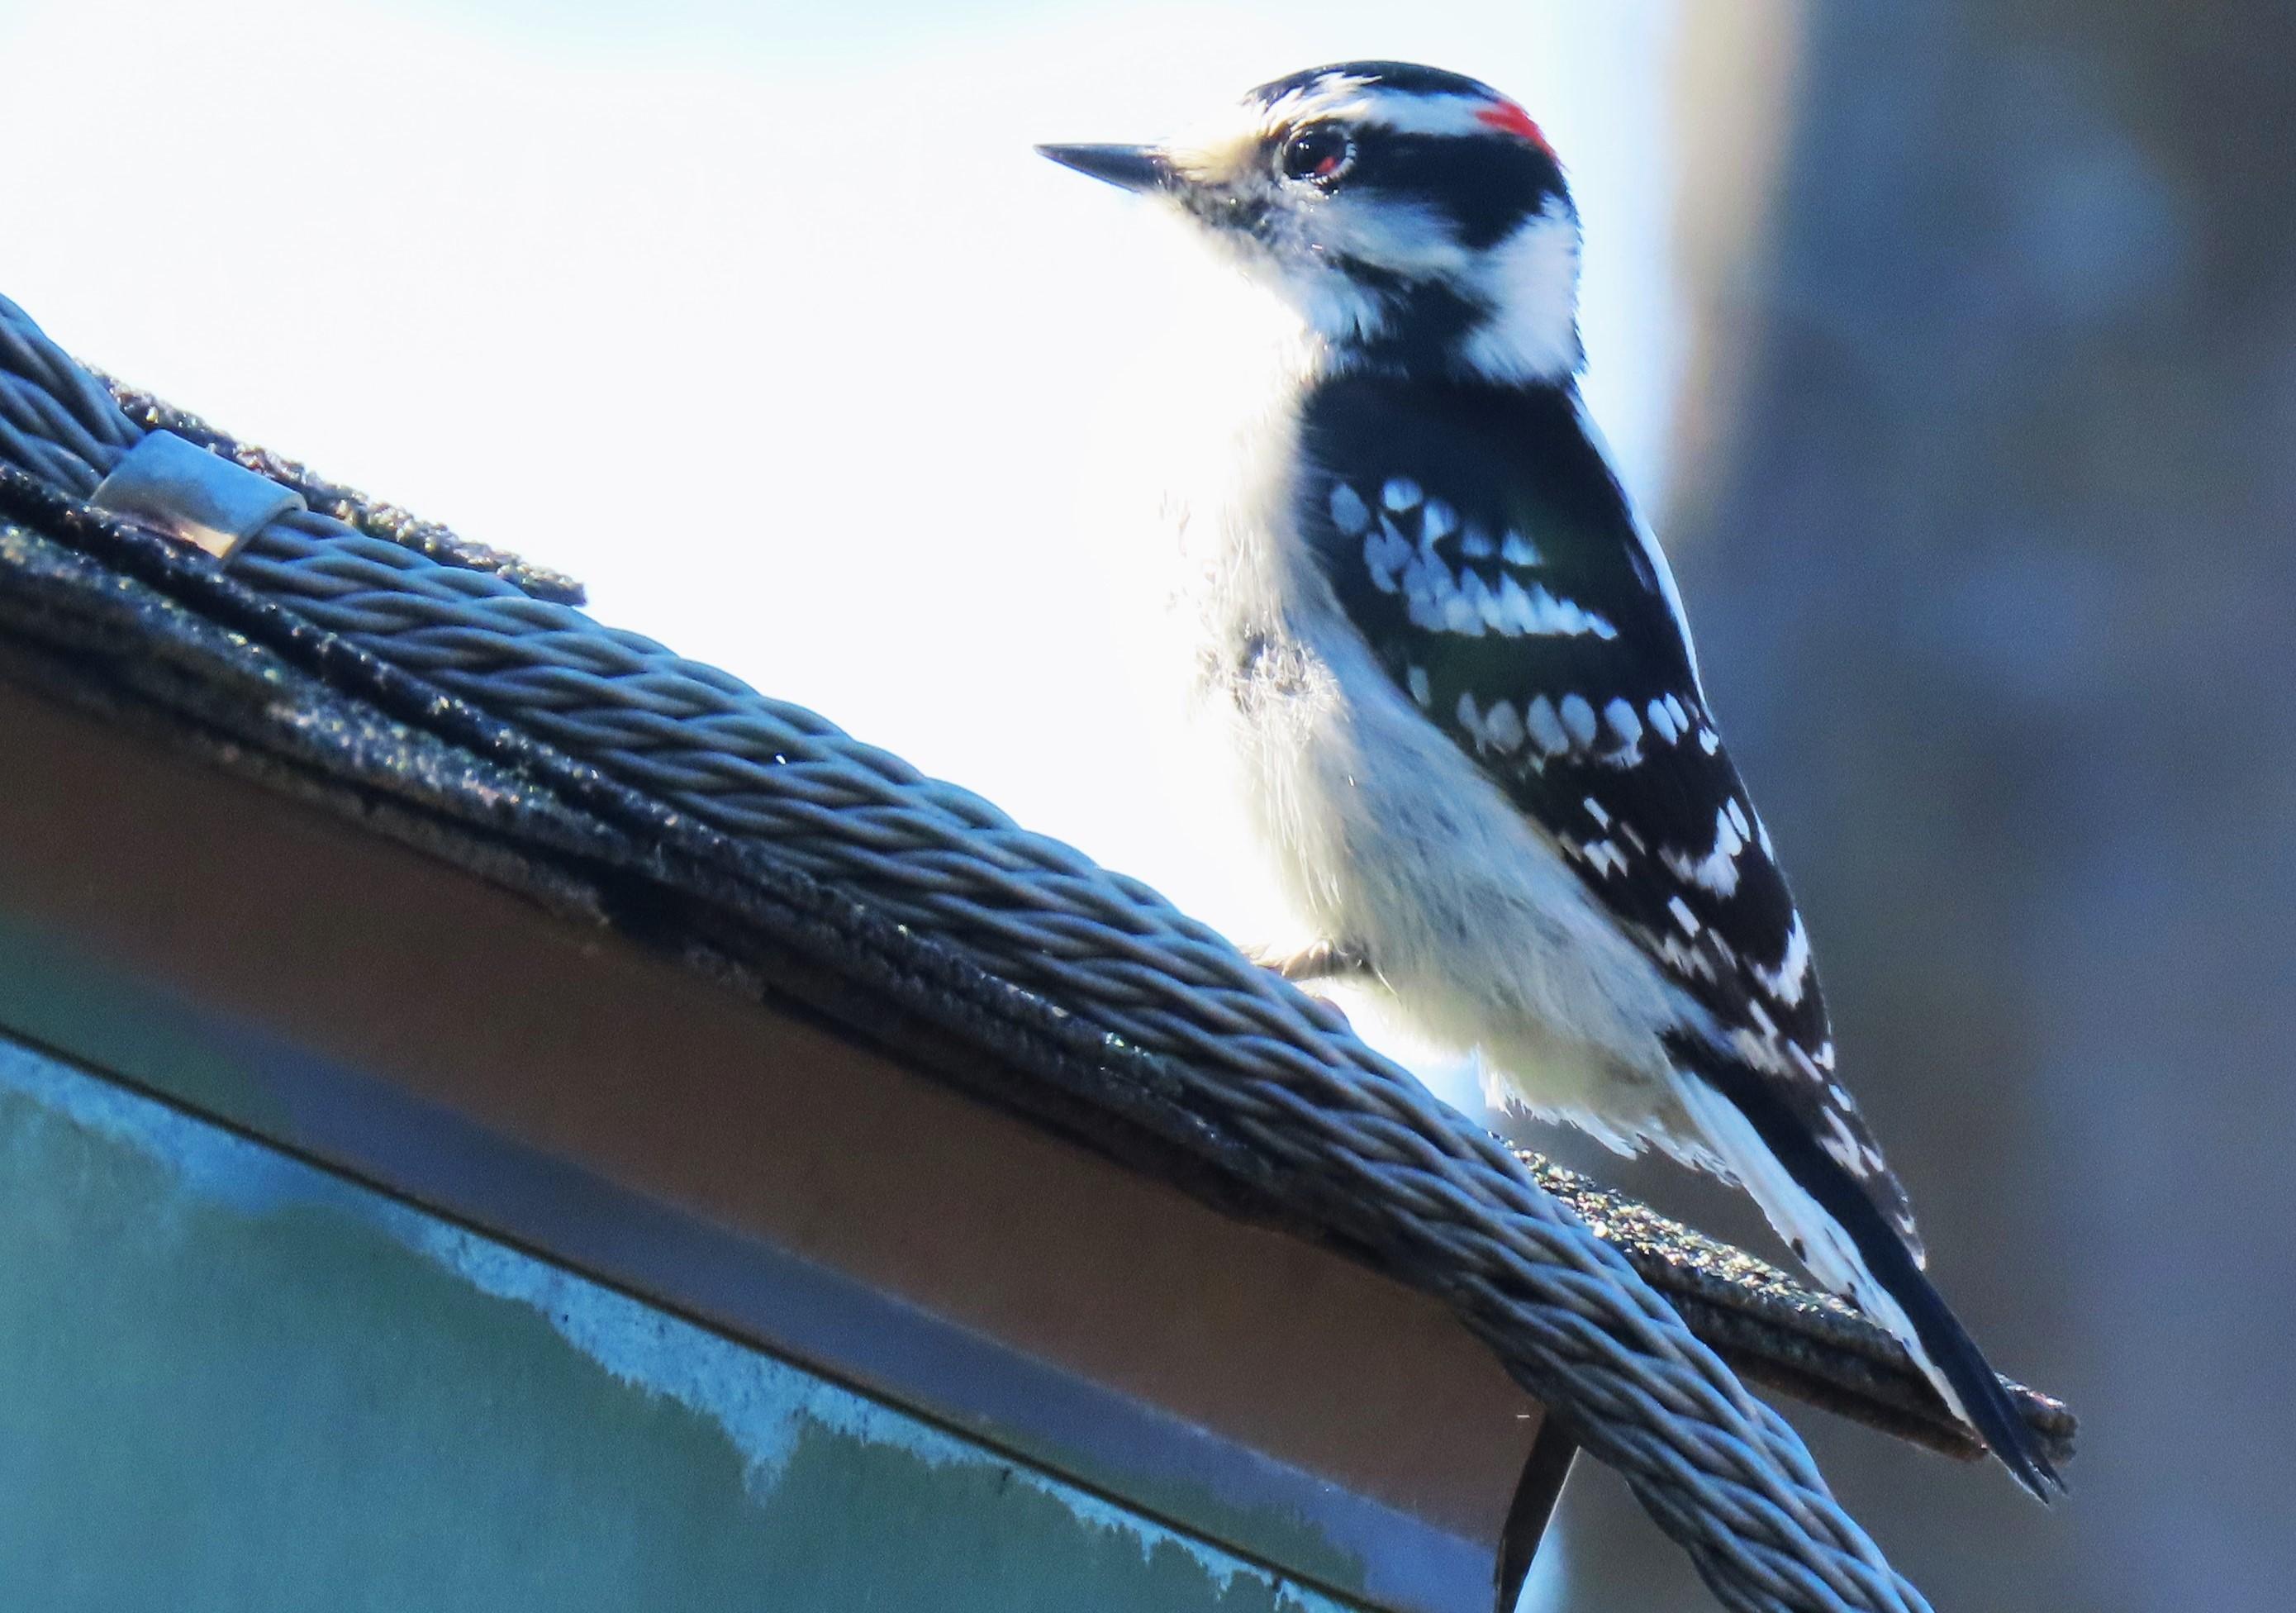 woodpecker on roof